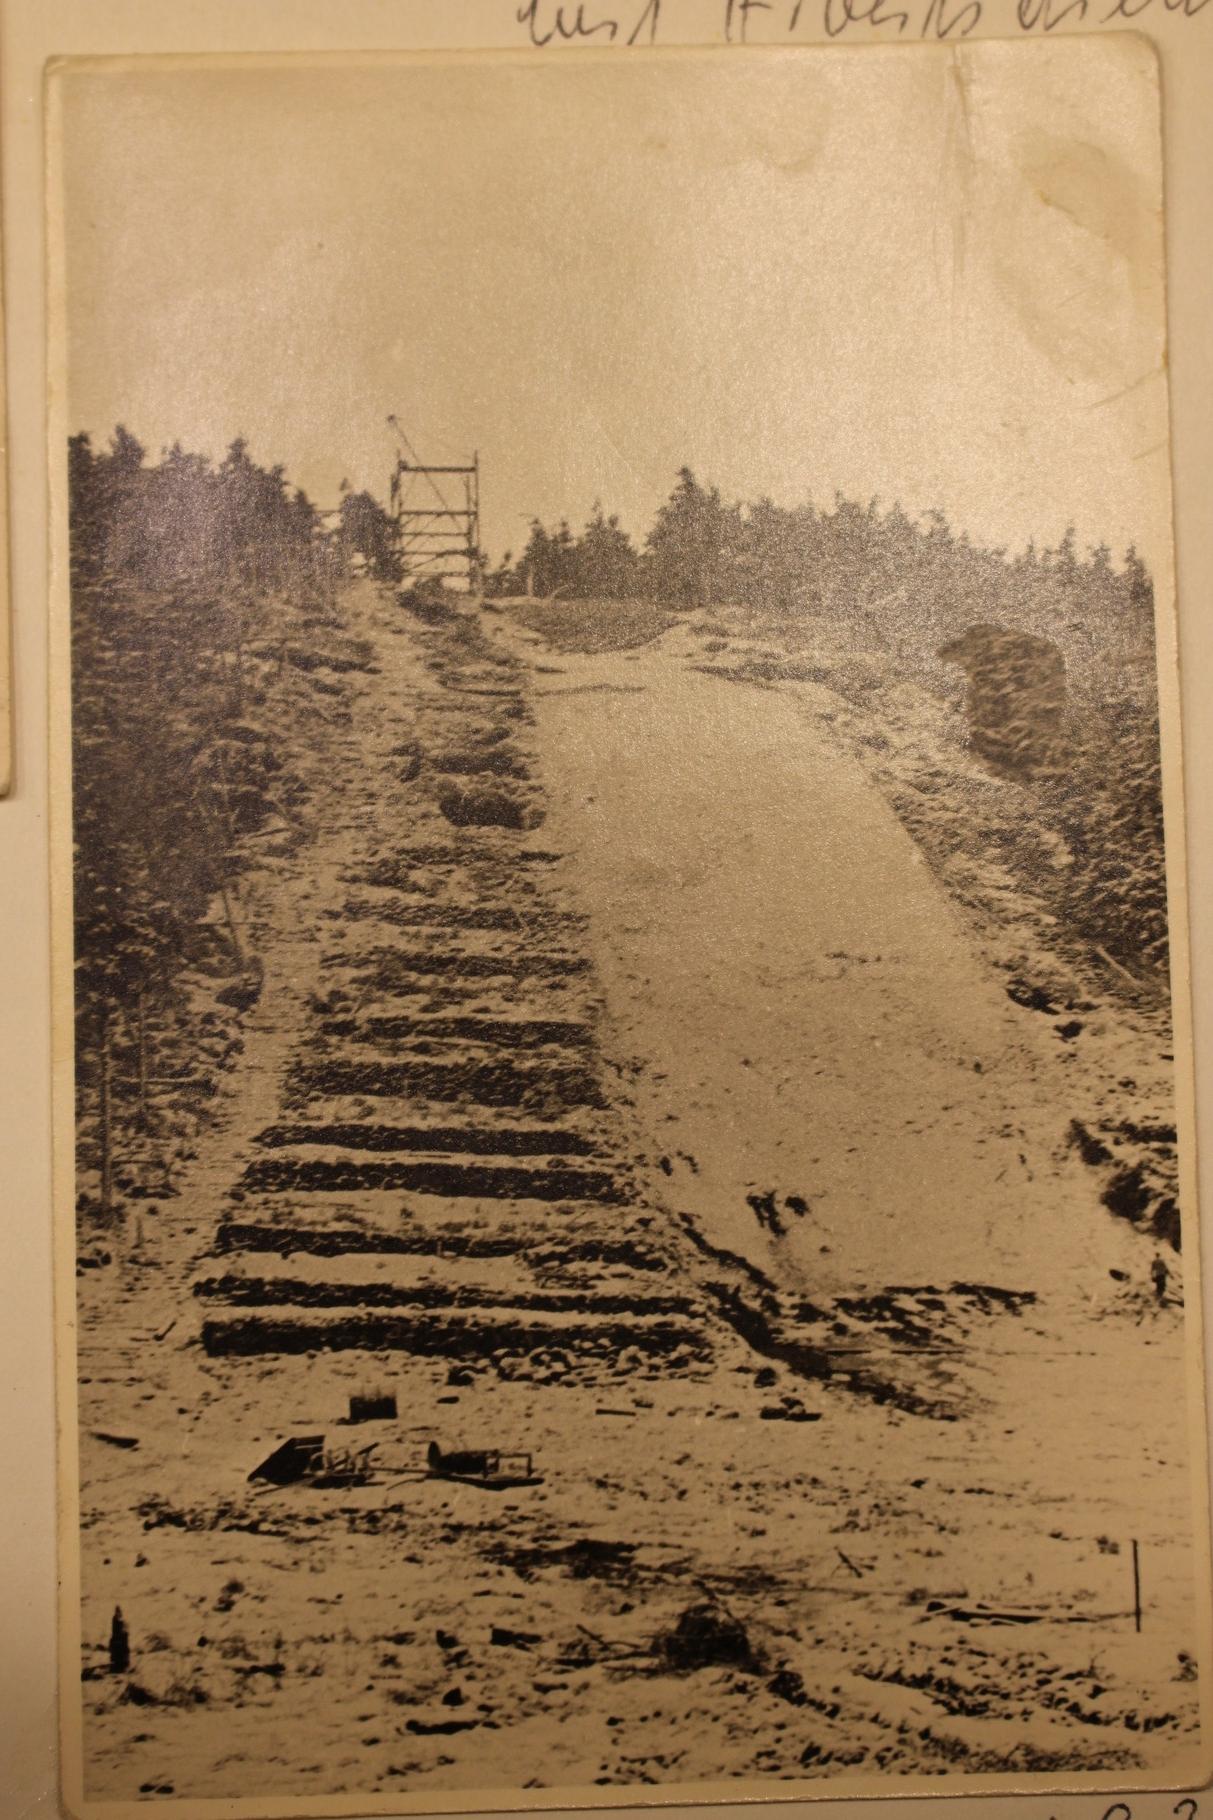 Bau der Sprungschanze, 1933